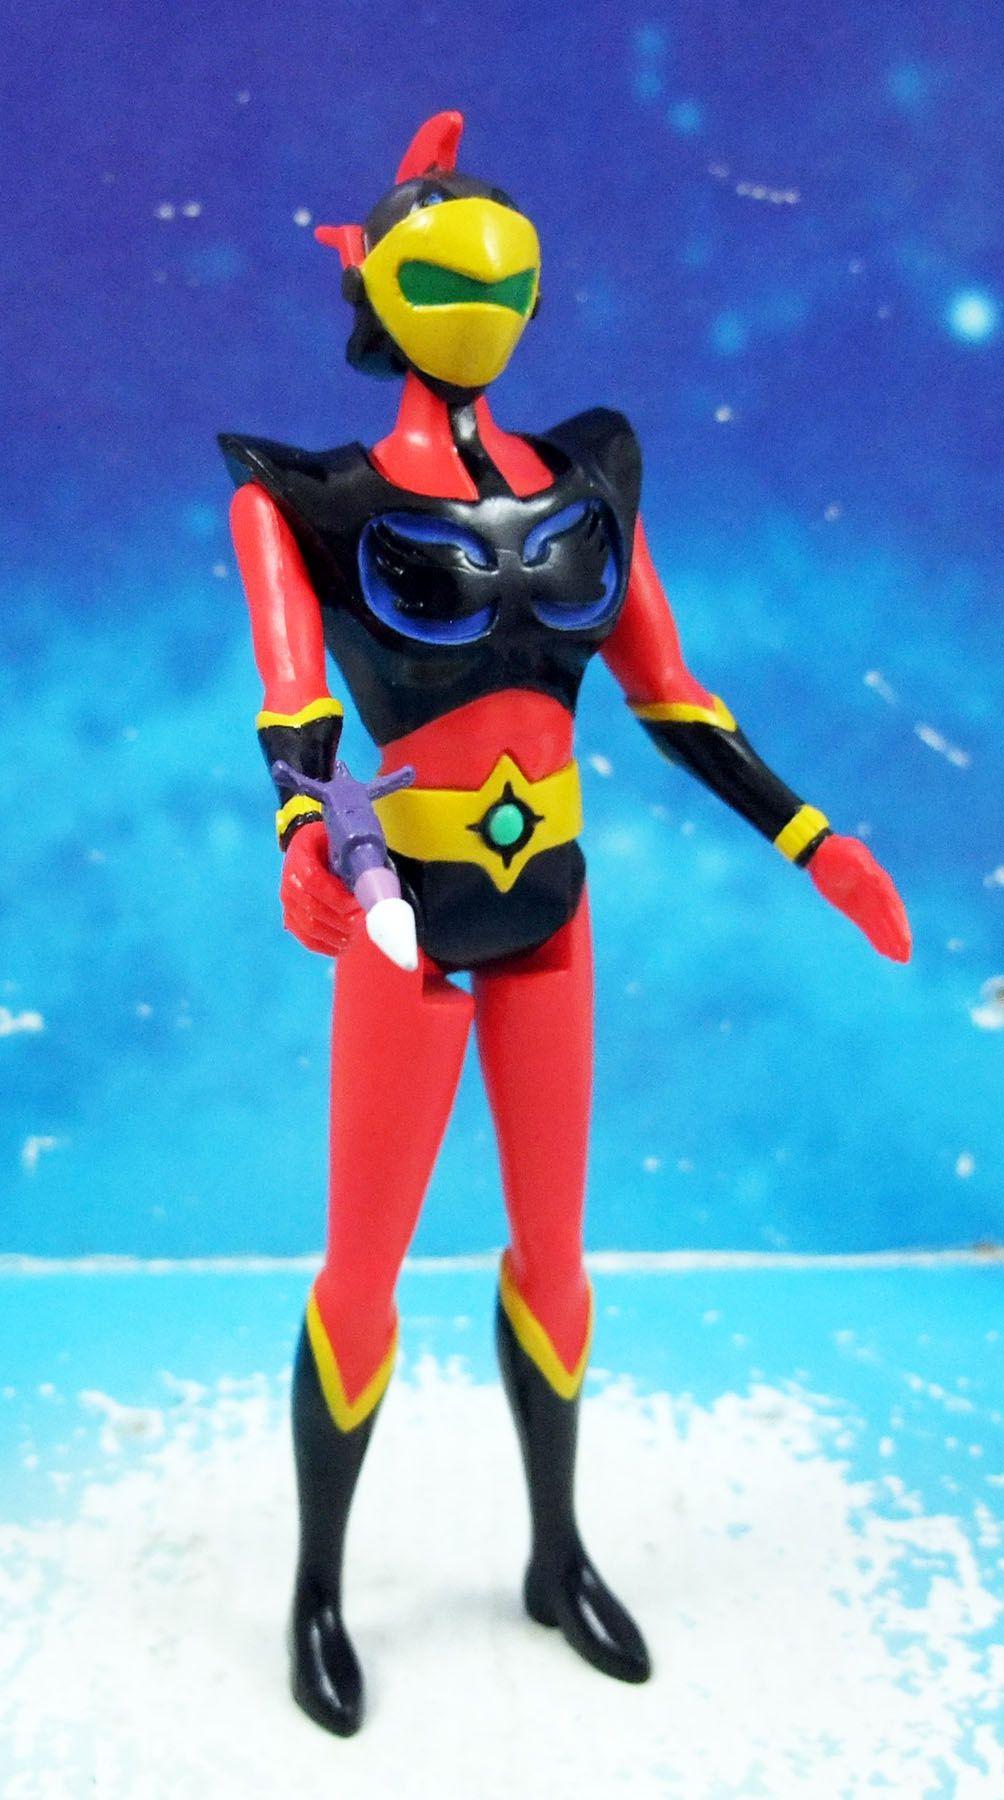 UFO Robo Grendizer - FT01 Duke Fleed action figure - Frankentoys